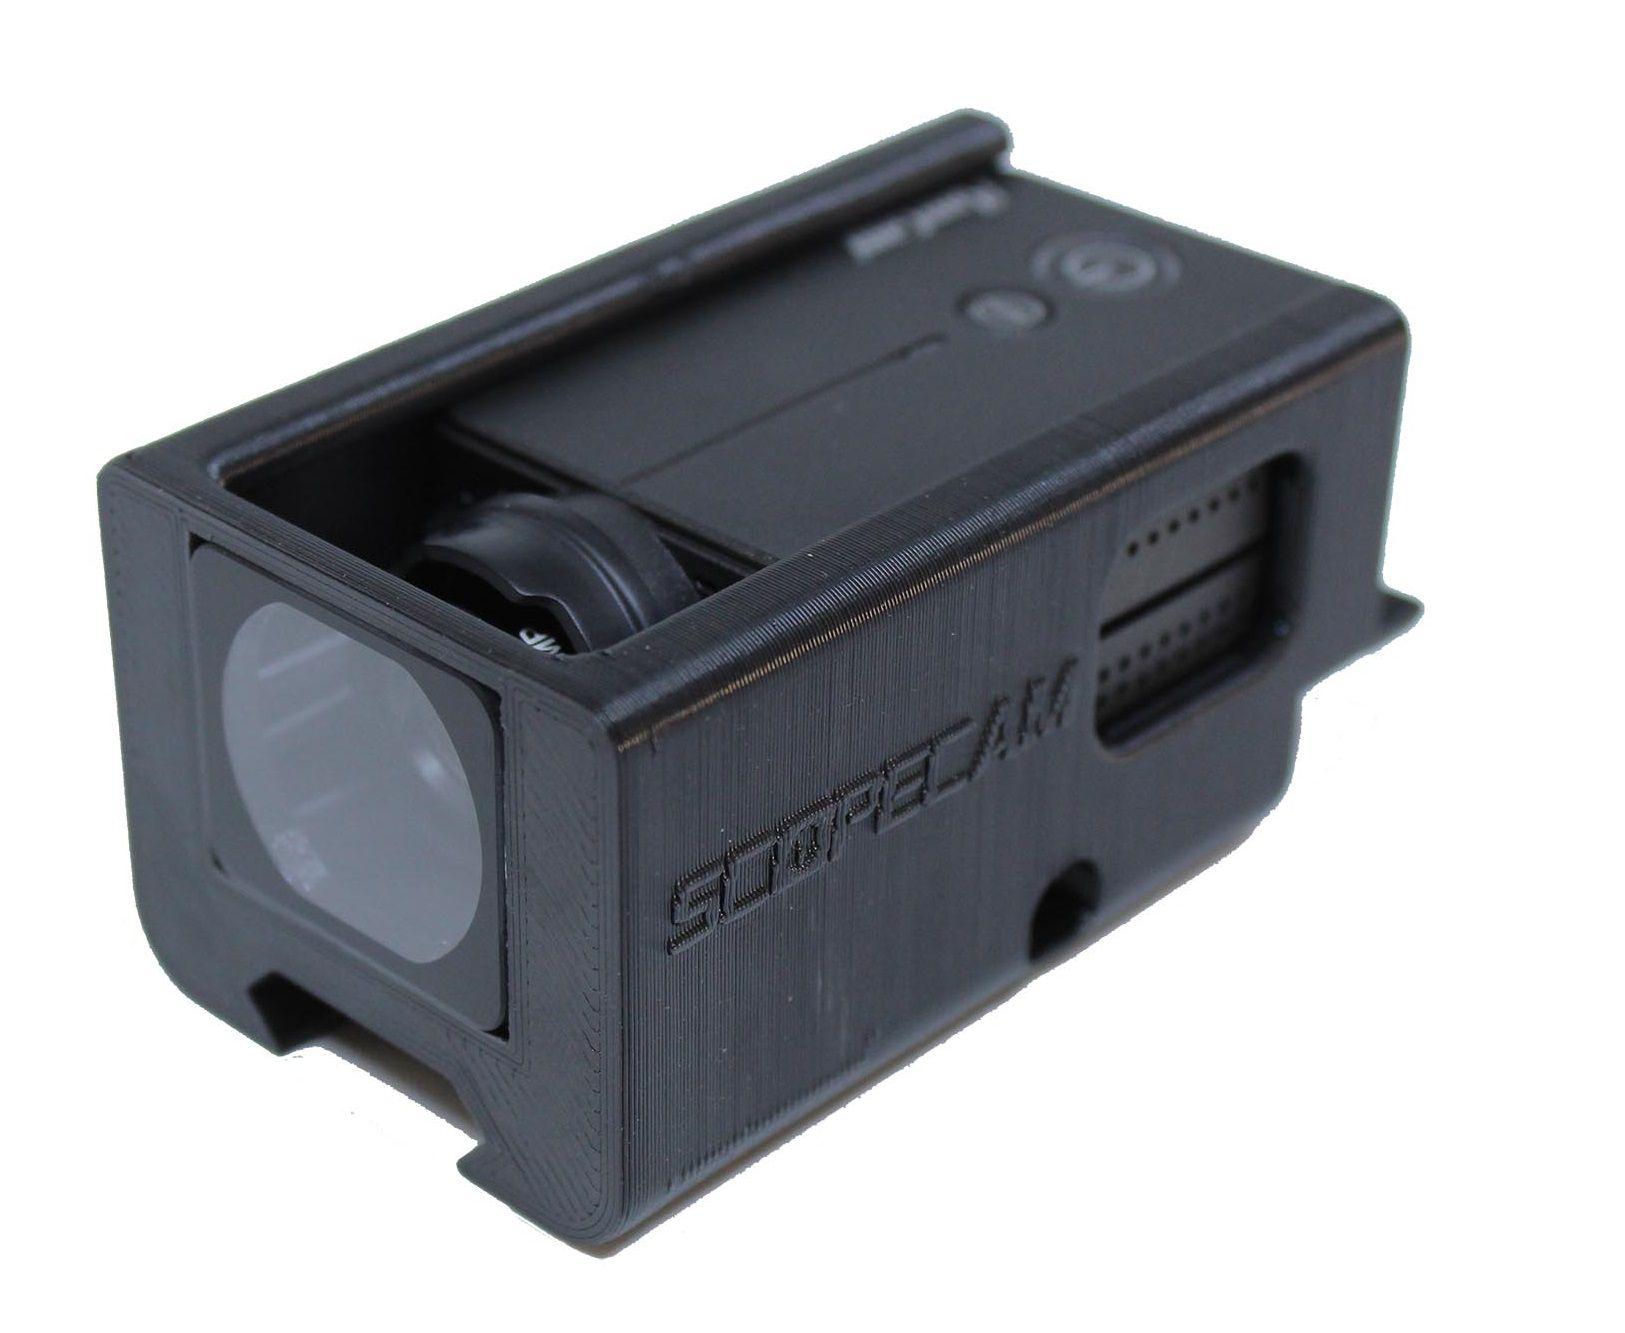 Suporte Runcam 2 Trilho com proteção de lente